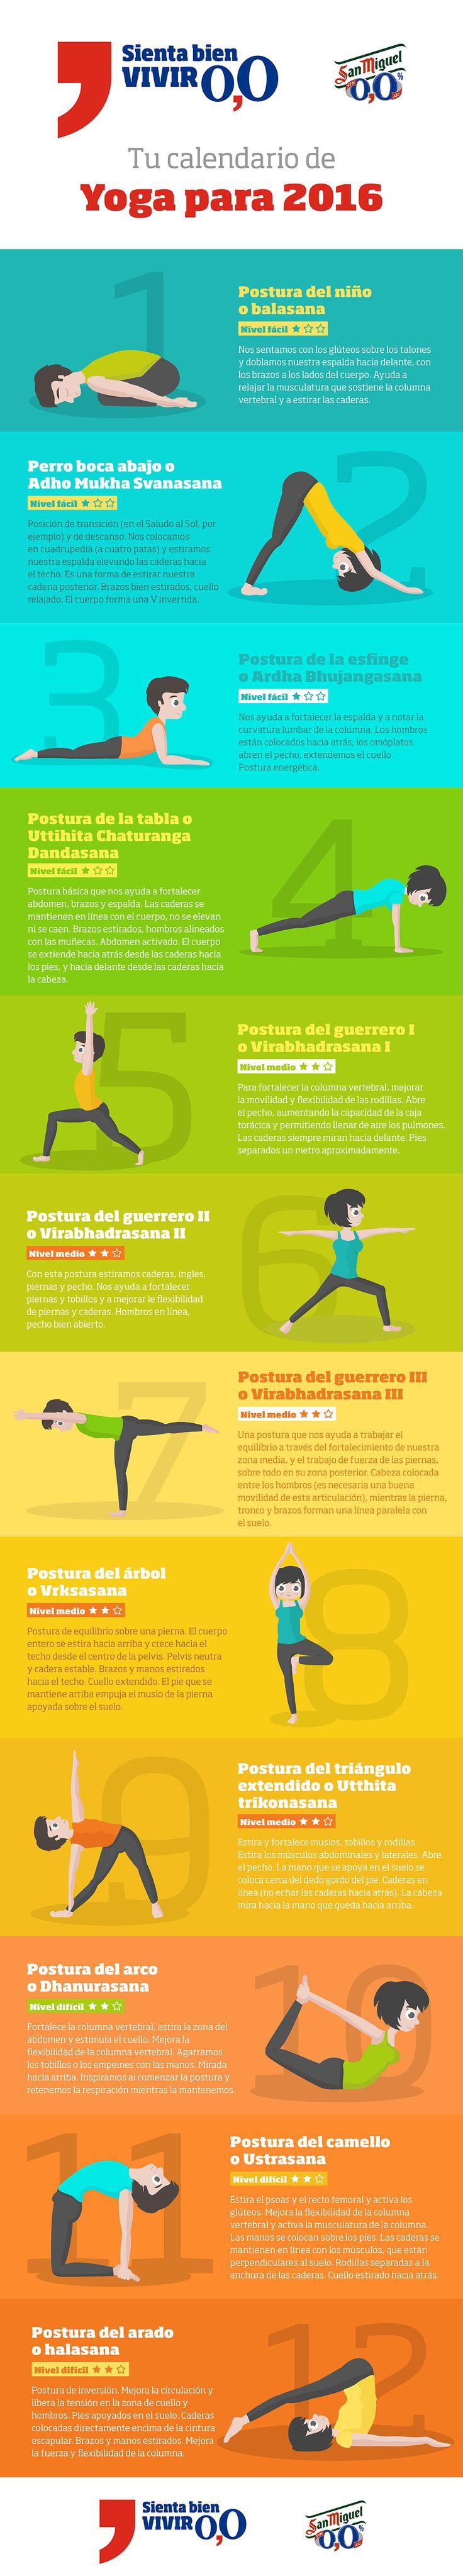 Infografía sobre yoga para Vive 0,0, el Blog de San Miguel 0,0 #infografia #yoga #diseno #ilustracion